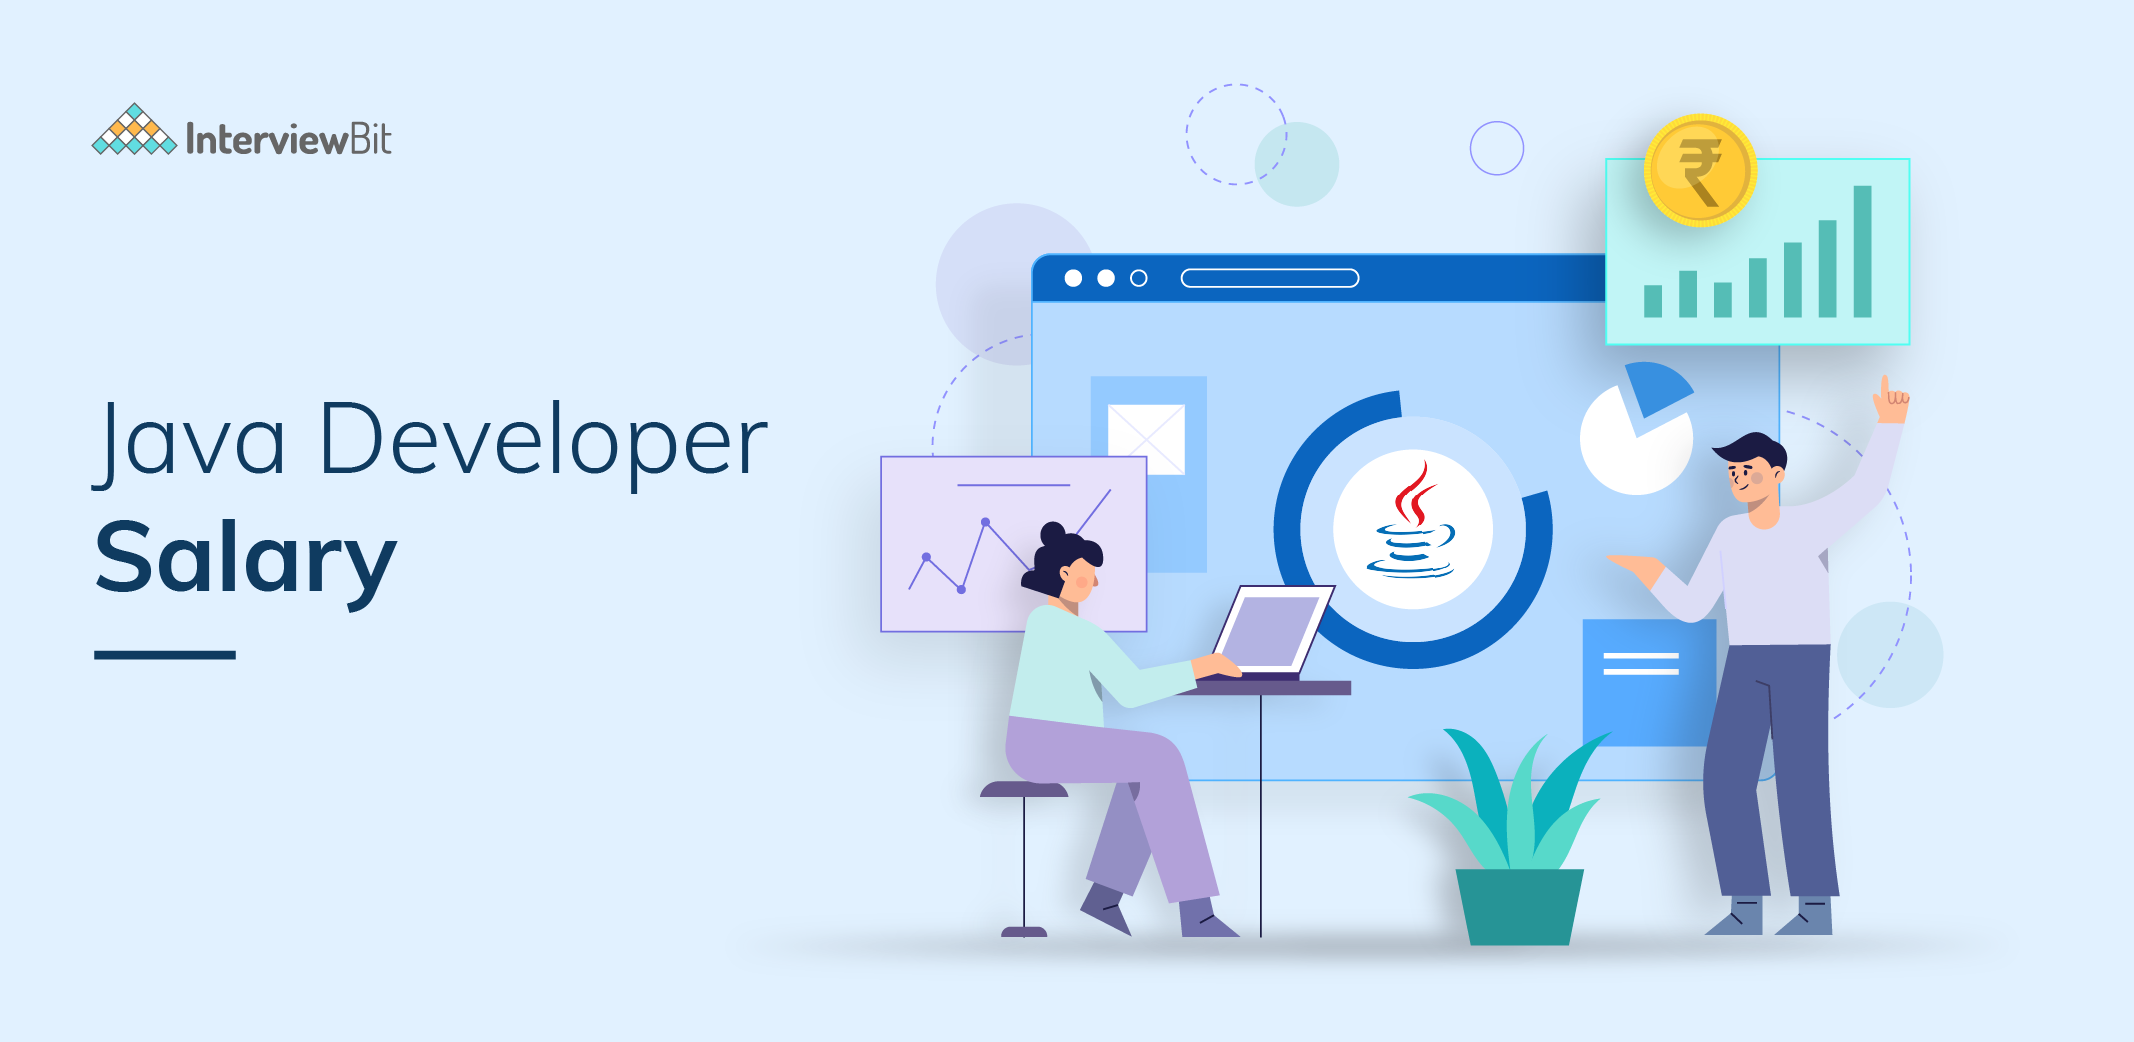 Java Developer Salary in India